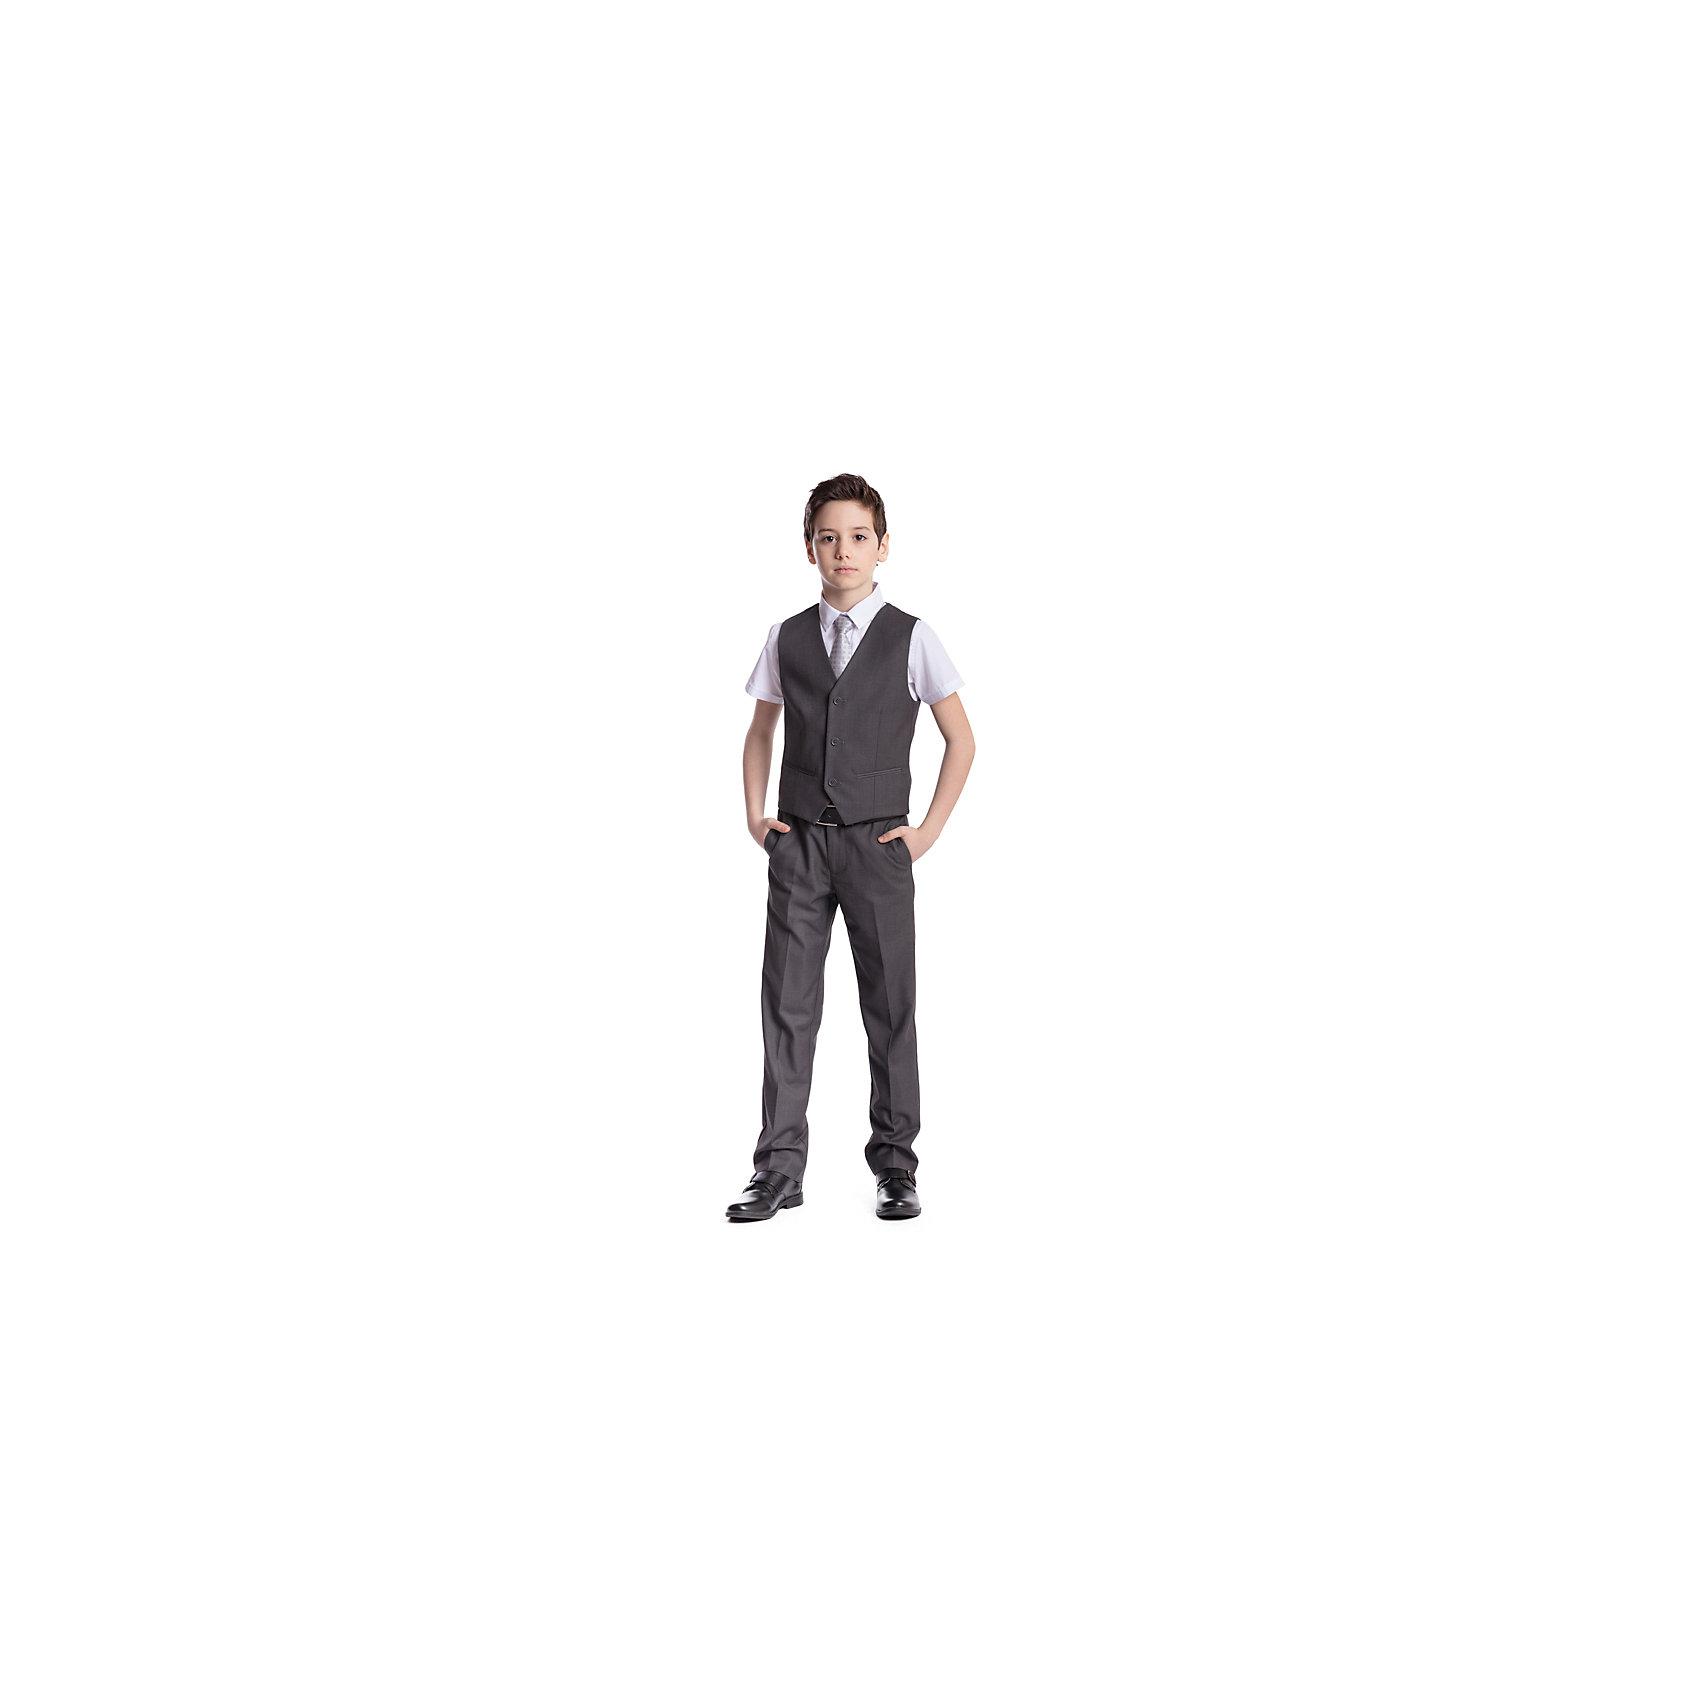 Комплект  для мальчика: брюки, жилет ScoolПиджаки и костюмы<br>Комплект  для мальчика: брюки, жилет Scool<br>Удобный практичный комплект из жилета и брюк в деловом стиле сможет быть как школьной формой, так и одеждой для официальных мероприятий.  Лекало этой модели полностью повторяет лекало модели для взрослого мужчины. Регулируемый ремешок на спинке жилета позволяет изделию хорошо сесть по фигуре. Брюки со стрелками; на внутренней стороне пояса предусмотрена регулировка по талии за счет удобной резинки на пуговицах.Преимущества: Жилет на подкладке из атласной тканиБрюки со шлевками, при необходимости можно использовать ремень<br>Состав:<br>Верх: 65% полиэстер, 35% вискоза, Подкладка: 65% полиэстер 35% вискоза<br><br>Ширина мм: 215<br>Глубина мм: 88<br>Высота мм: 191<br>Вес г: 336<br>Цвет: серый<br>Возраст от месяцев: 72<br>Возраст до месяцев: 84<br>Пол: Мужской<br>Возраст: Детский<br>Размер: 122,128,134,140,146,152,158,164<br>SKU: 6754417